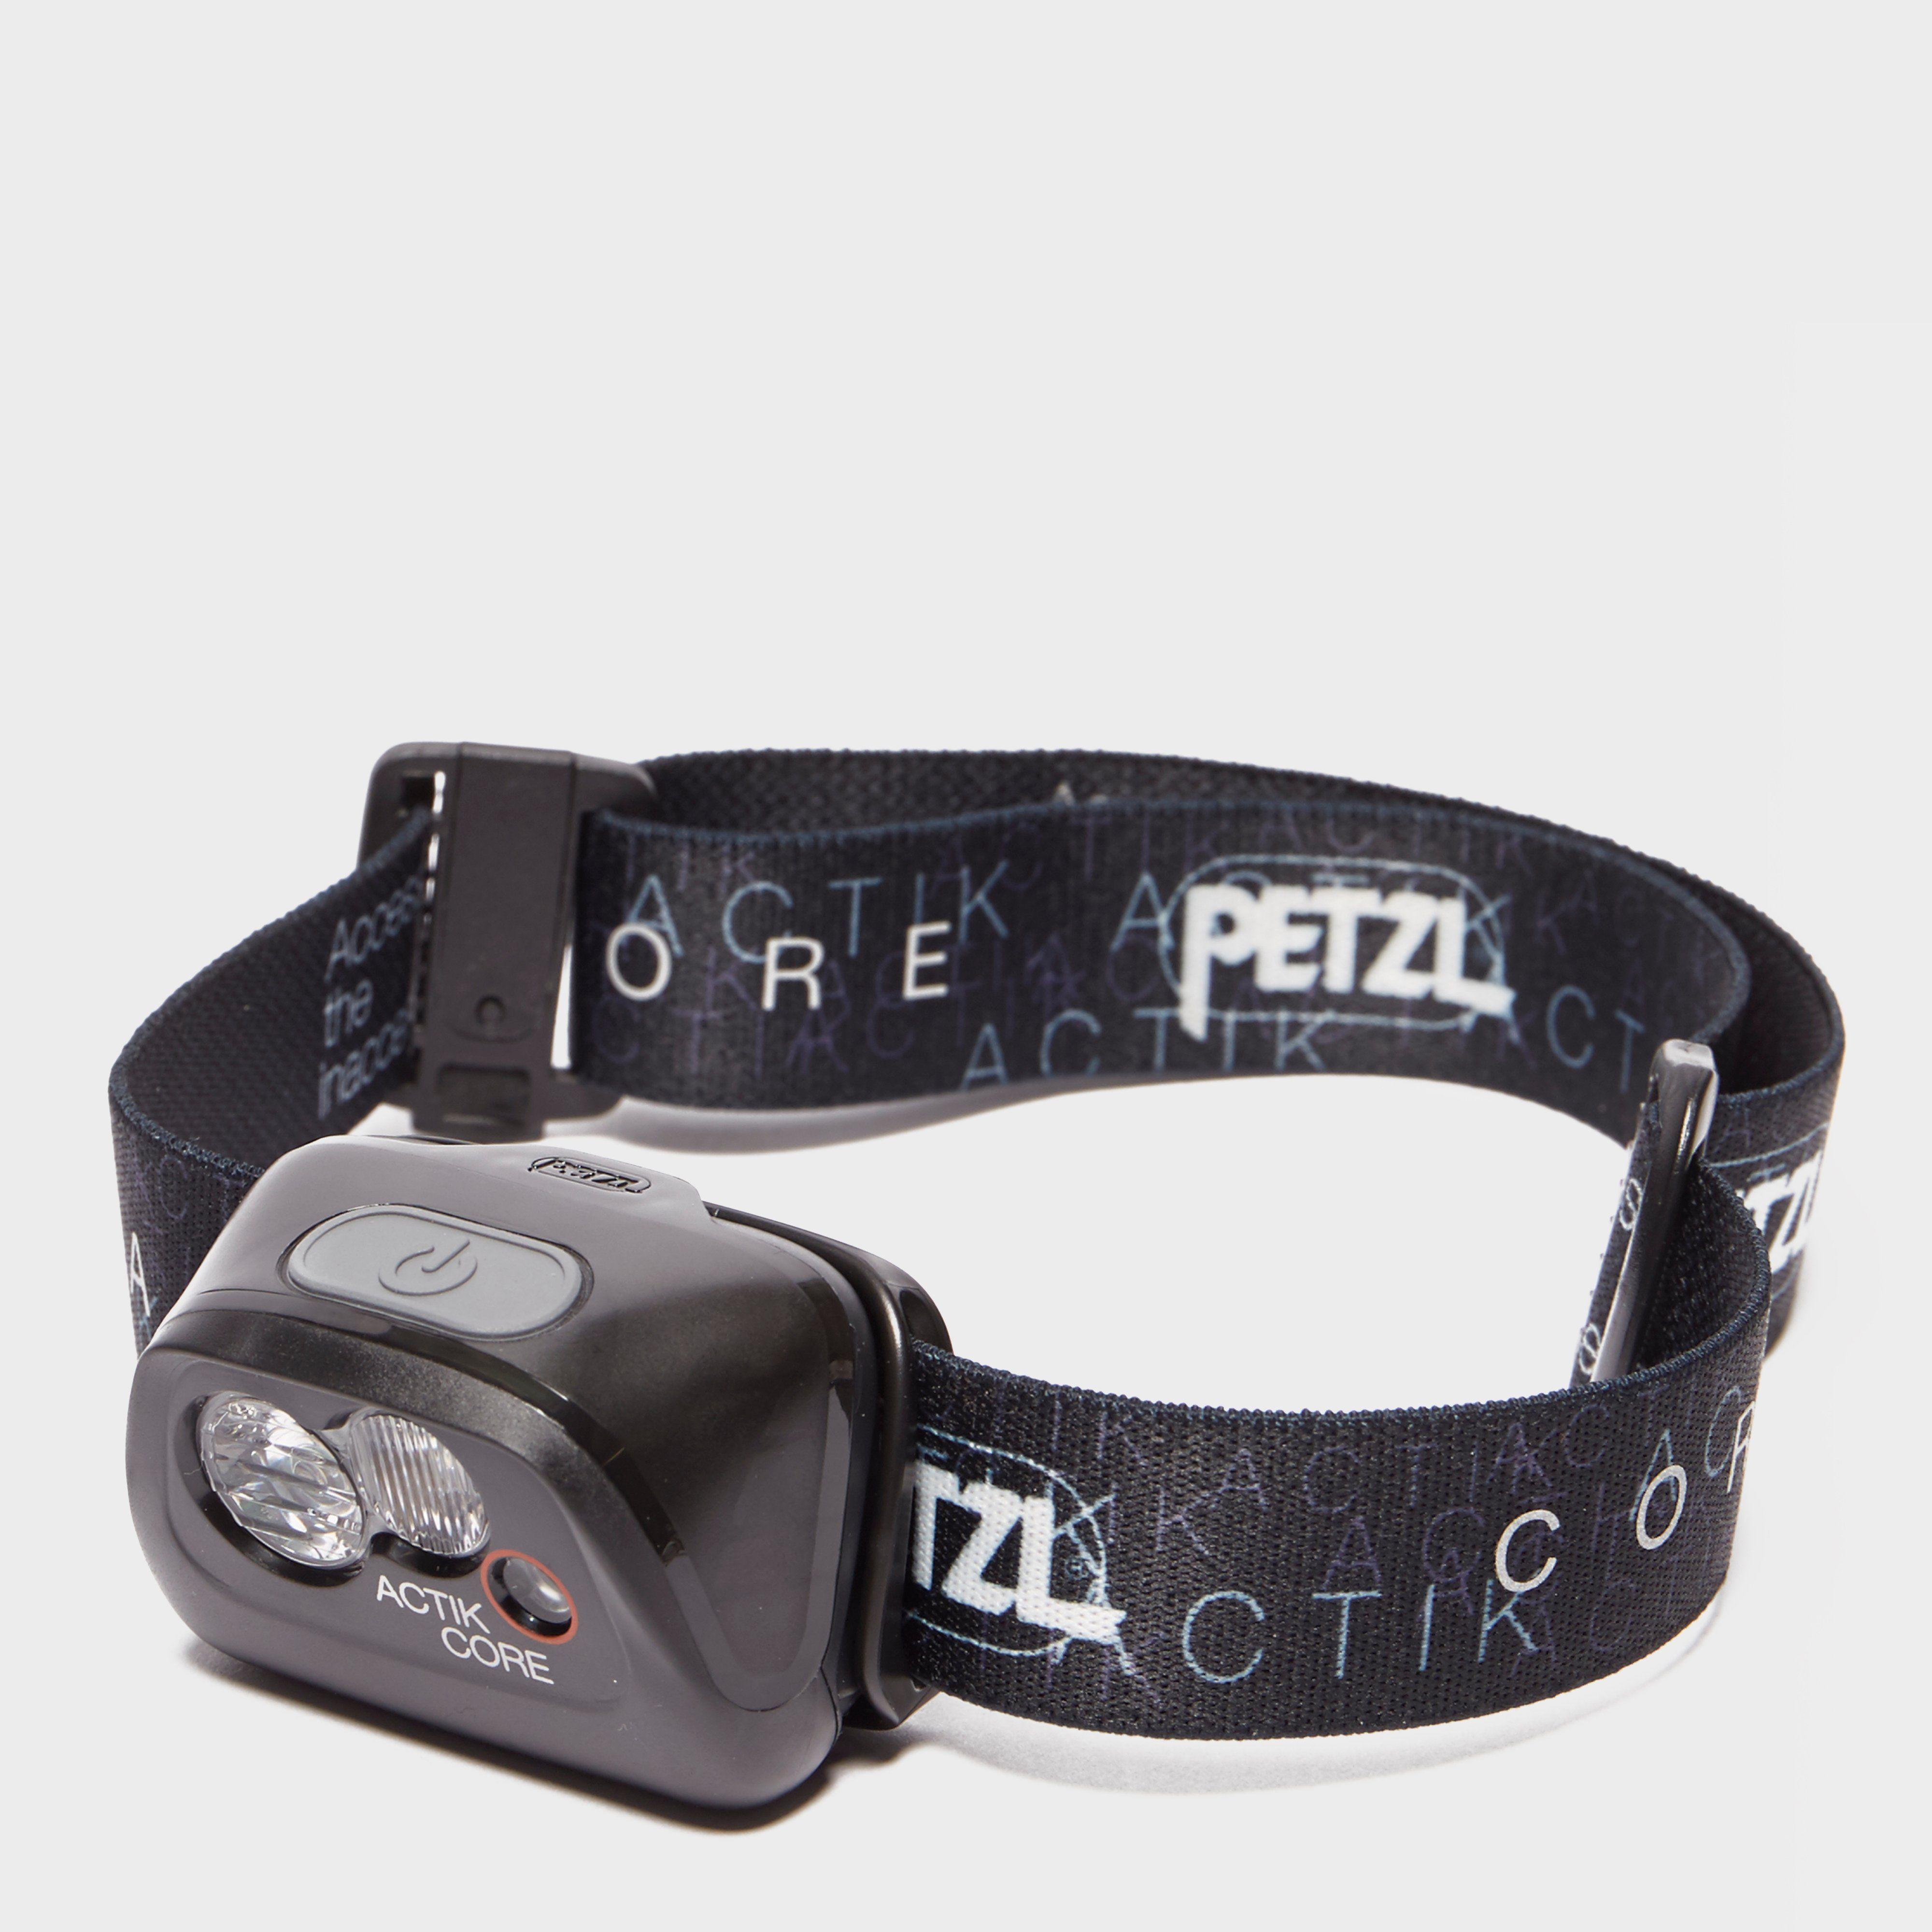 PETZL Actik Core Head Lamp